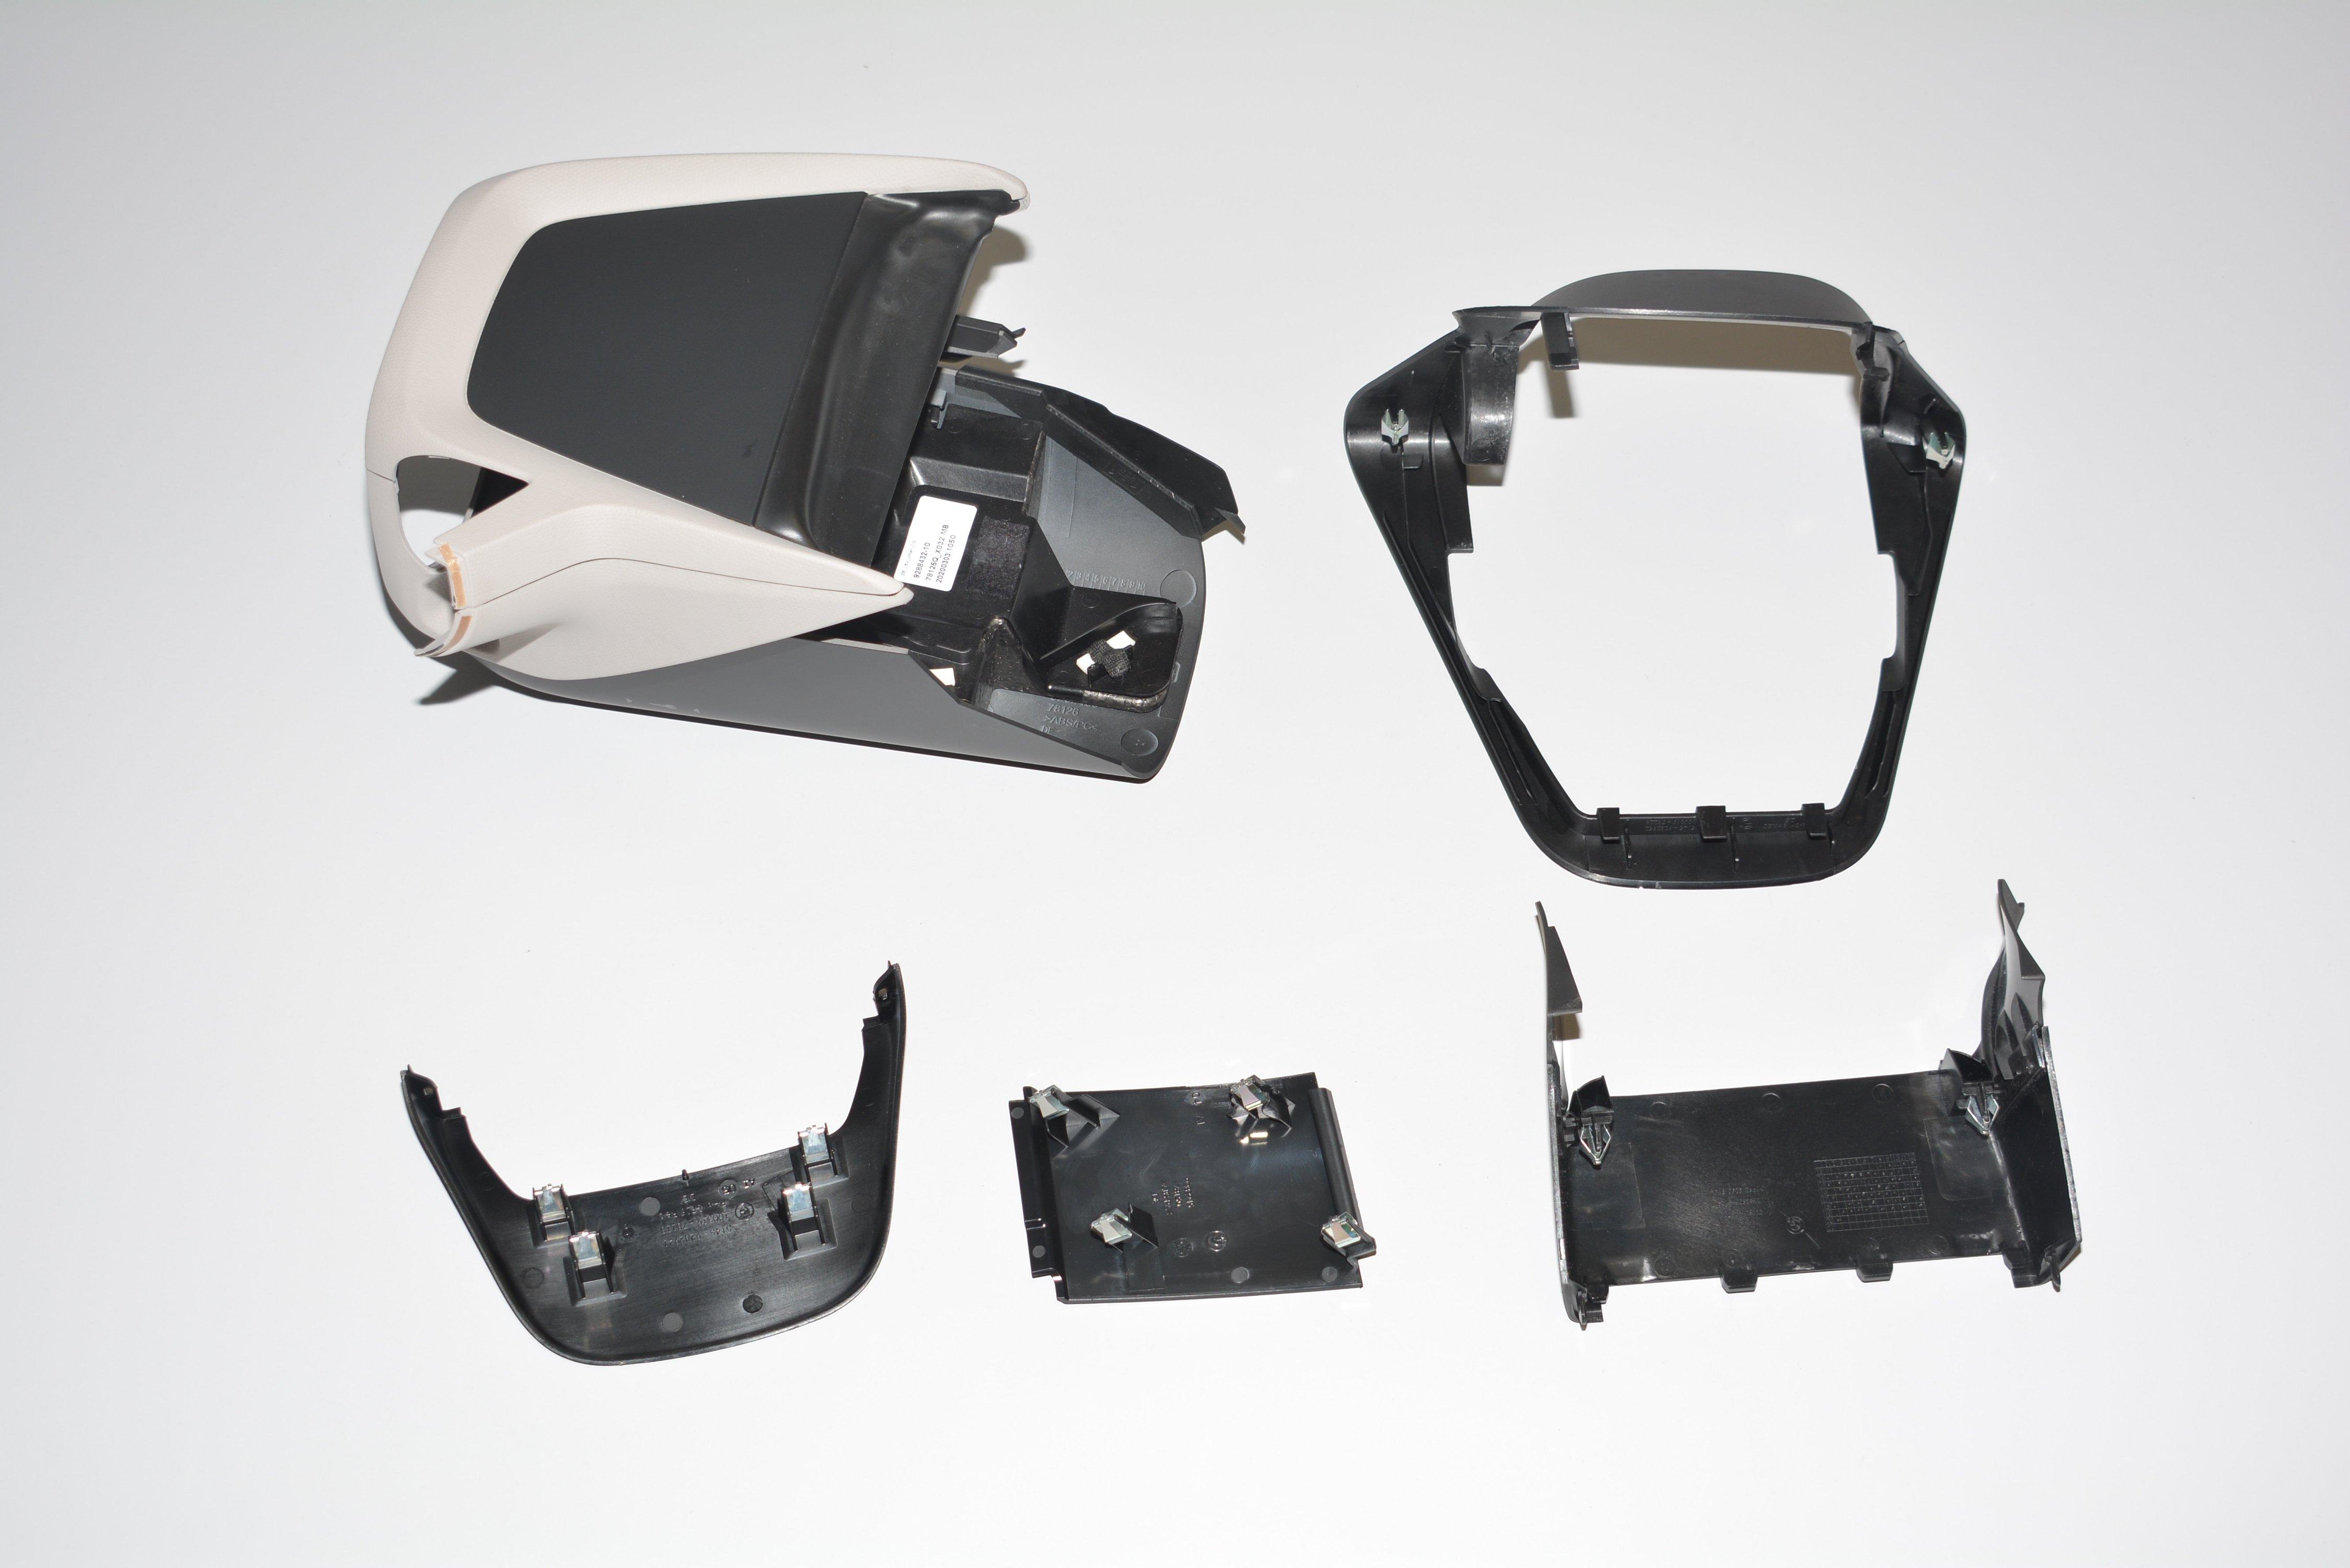 miniatura 8 - BMW I01 i3 Anteriore Interno Cruscotto Volante Meccanismo Orlo Rhd